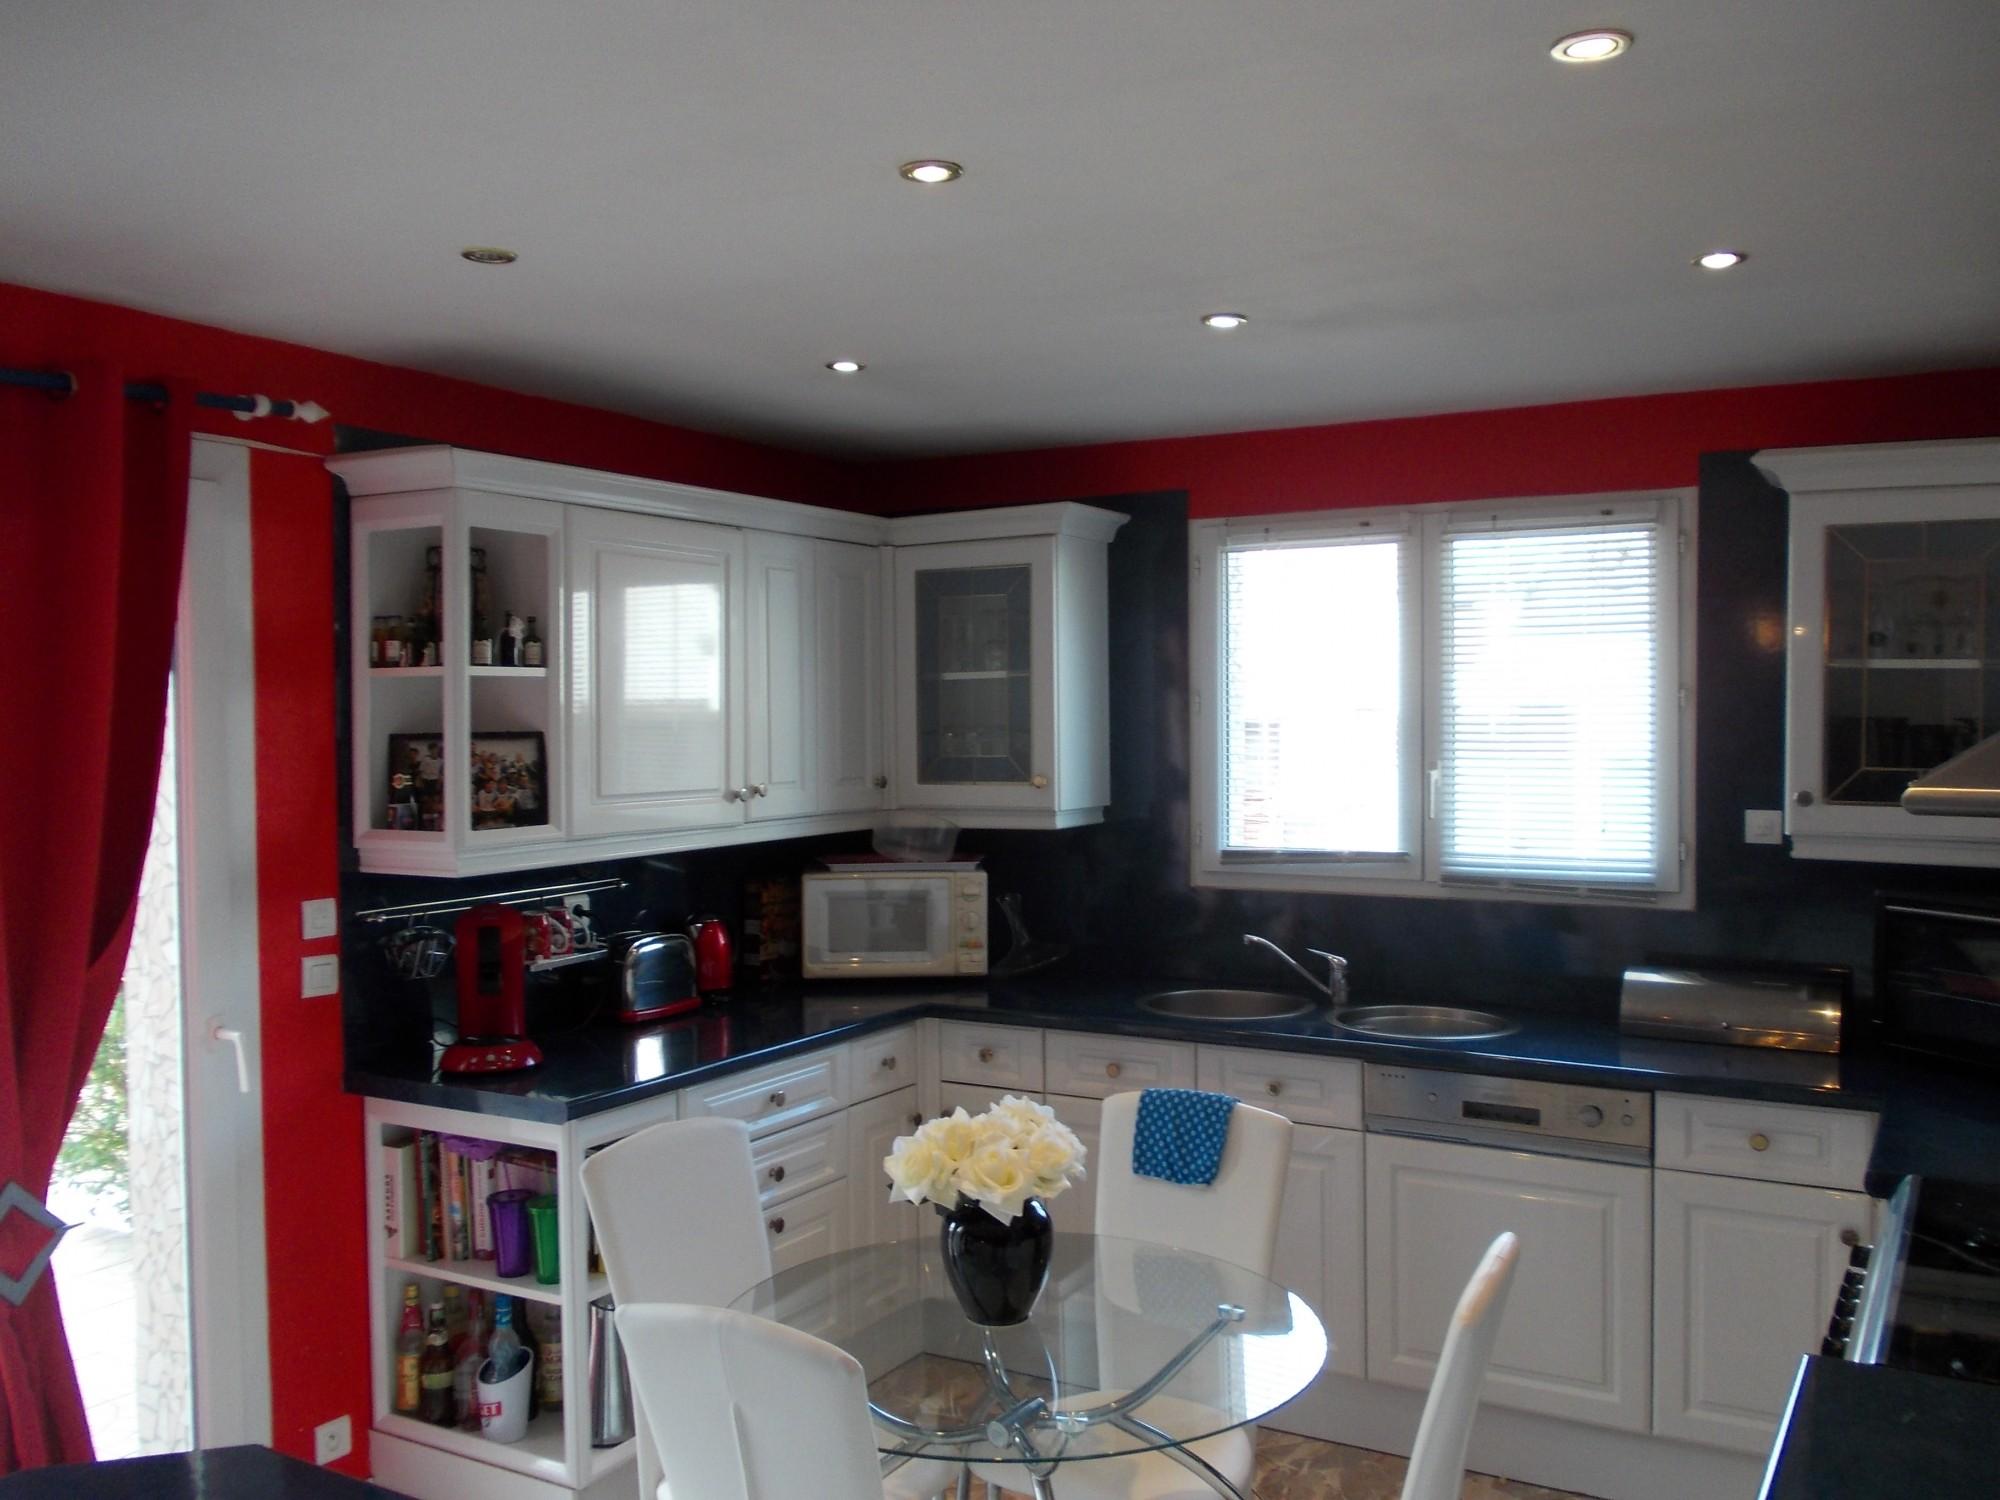 Rouen ventes a vendre maison f4 sain etienne du rouvray for Acheter une maison en region parisienne